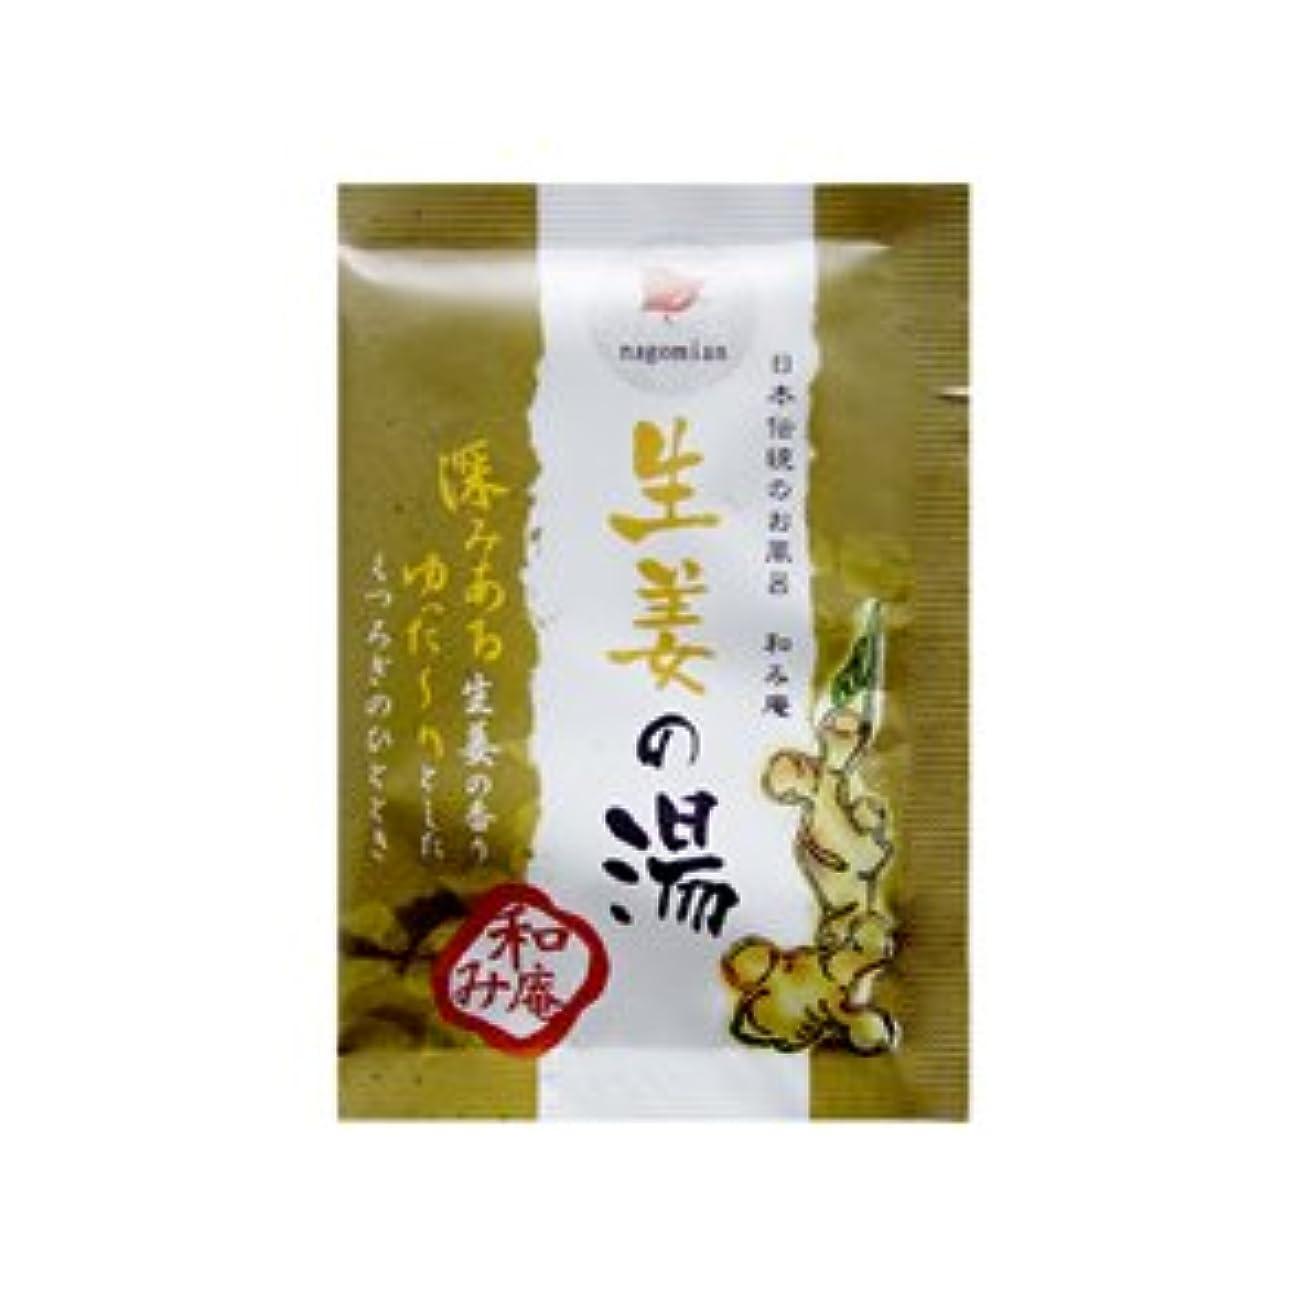 羊飼い暫定裕福な日本伝統のお風呂 和み庵 生姜の湯 25g 10個セット